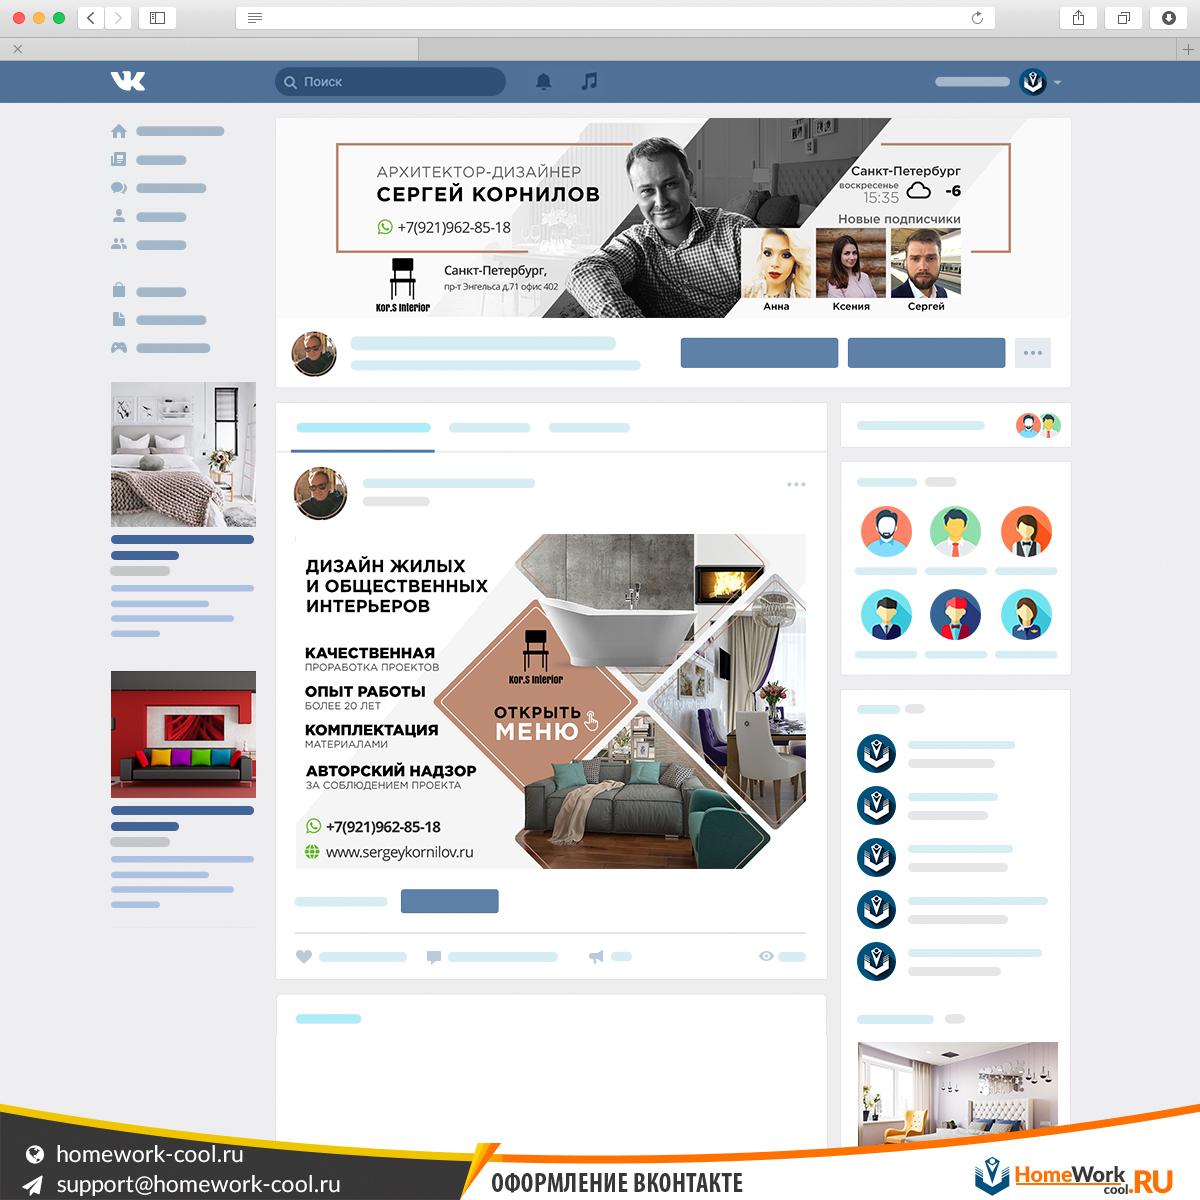 Оформление группы ВКонтакте для архитектора-дизайнера Сергея Корнилова